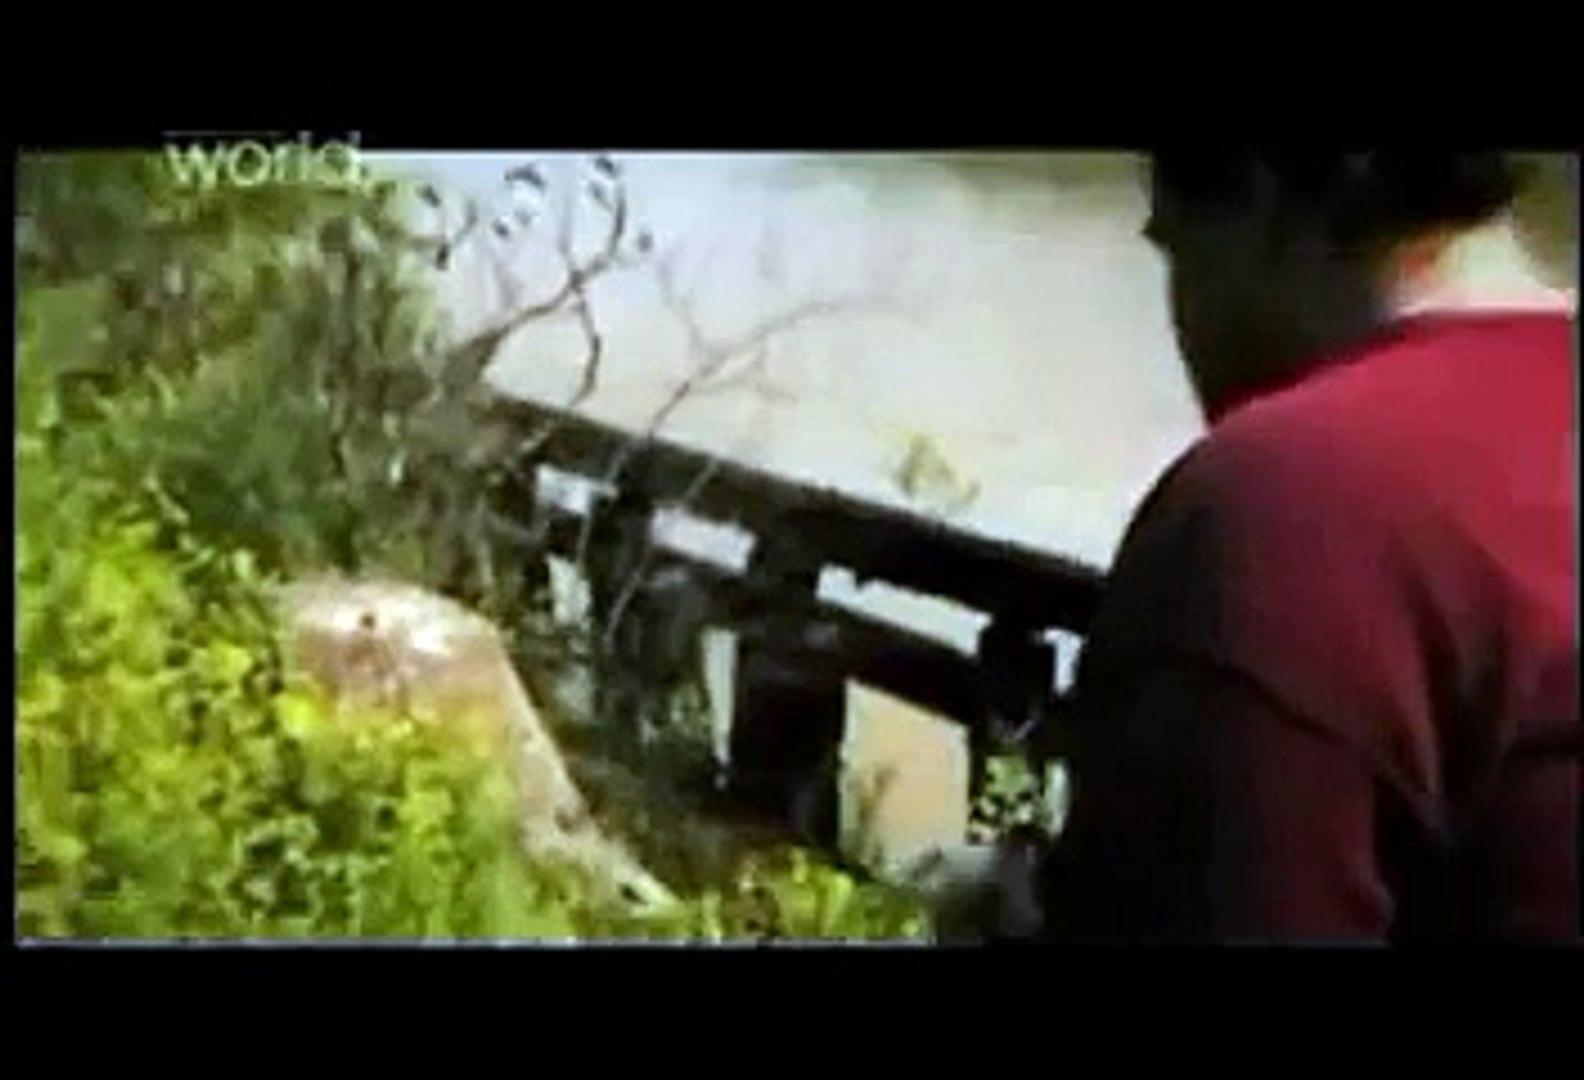 Serial Killers - Arthur Shawcross (Genesee River Strangler) - Documentary